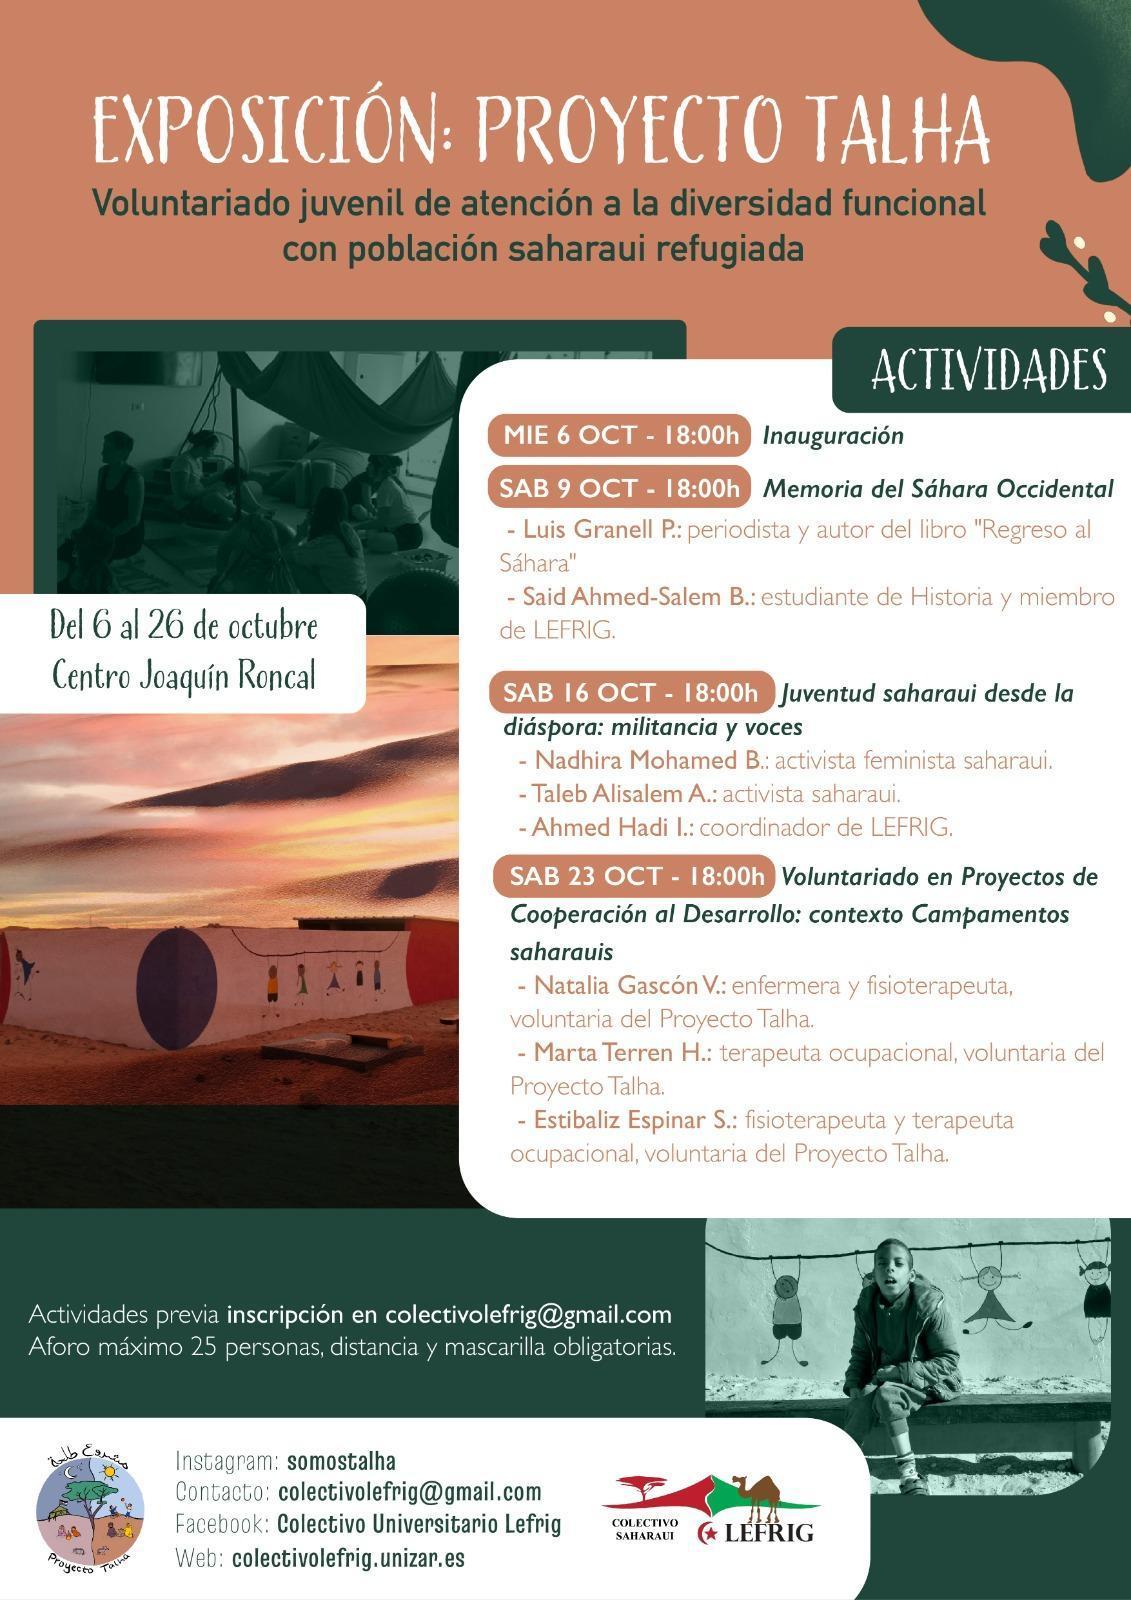 Exposición: Proyecto Talha